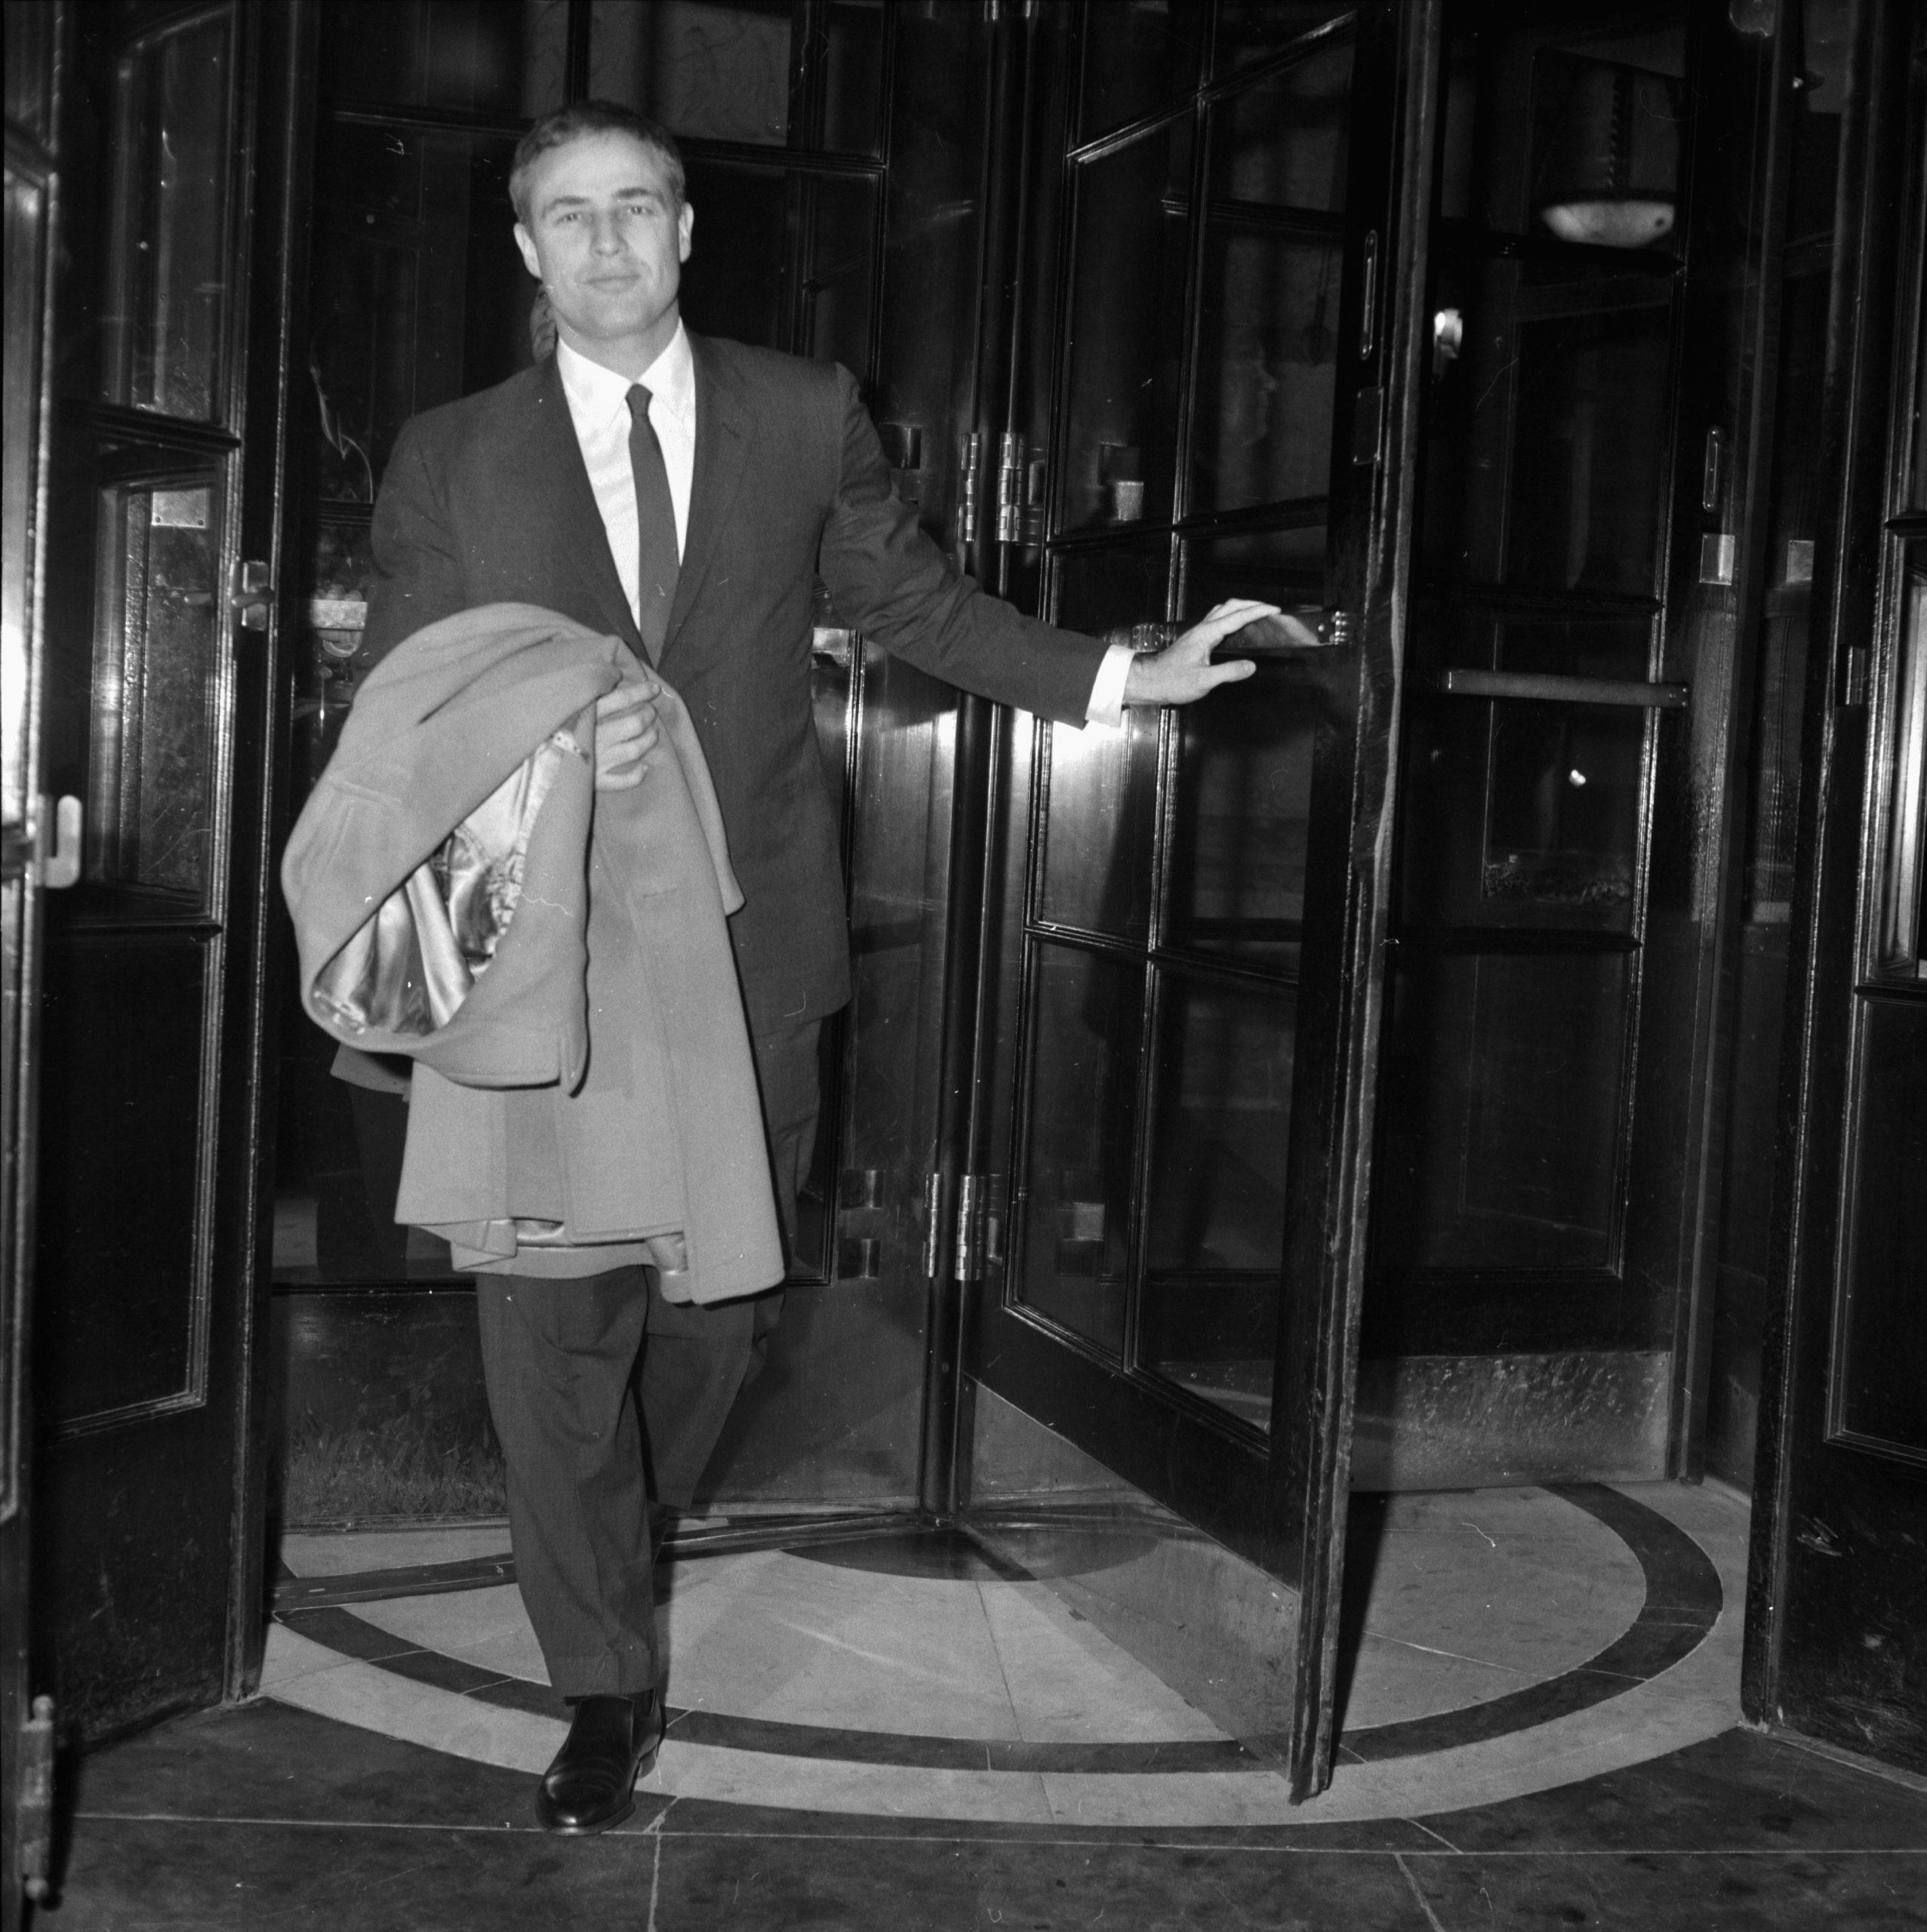 En la imagen, Marlon Brando saliendo de su hotel en Londres en 1964. /Foto: Getty